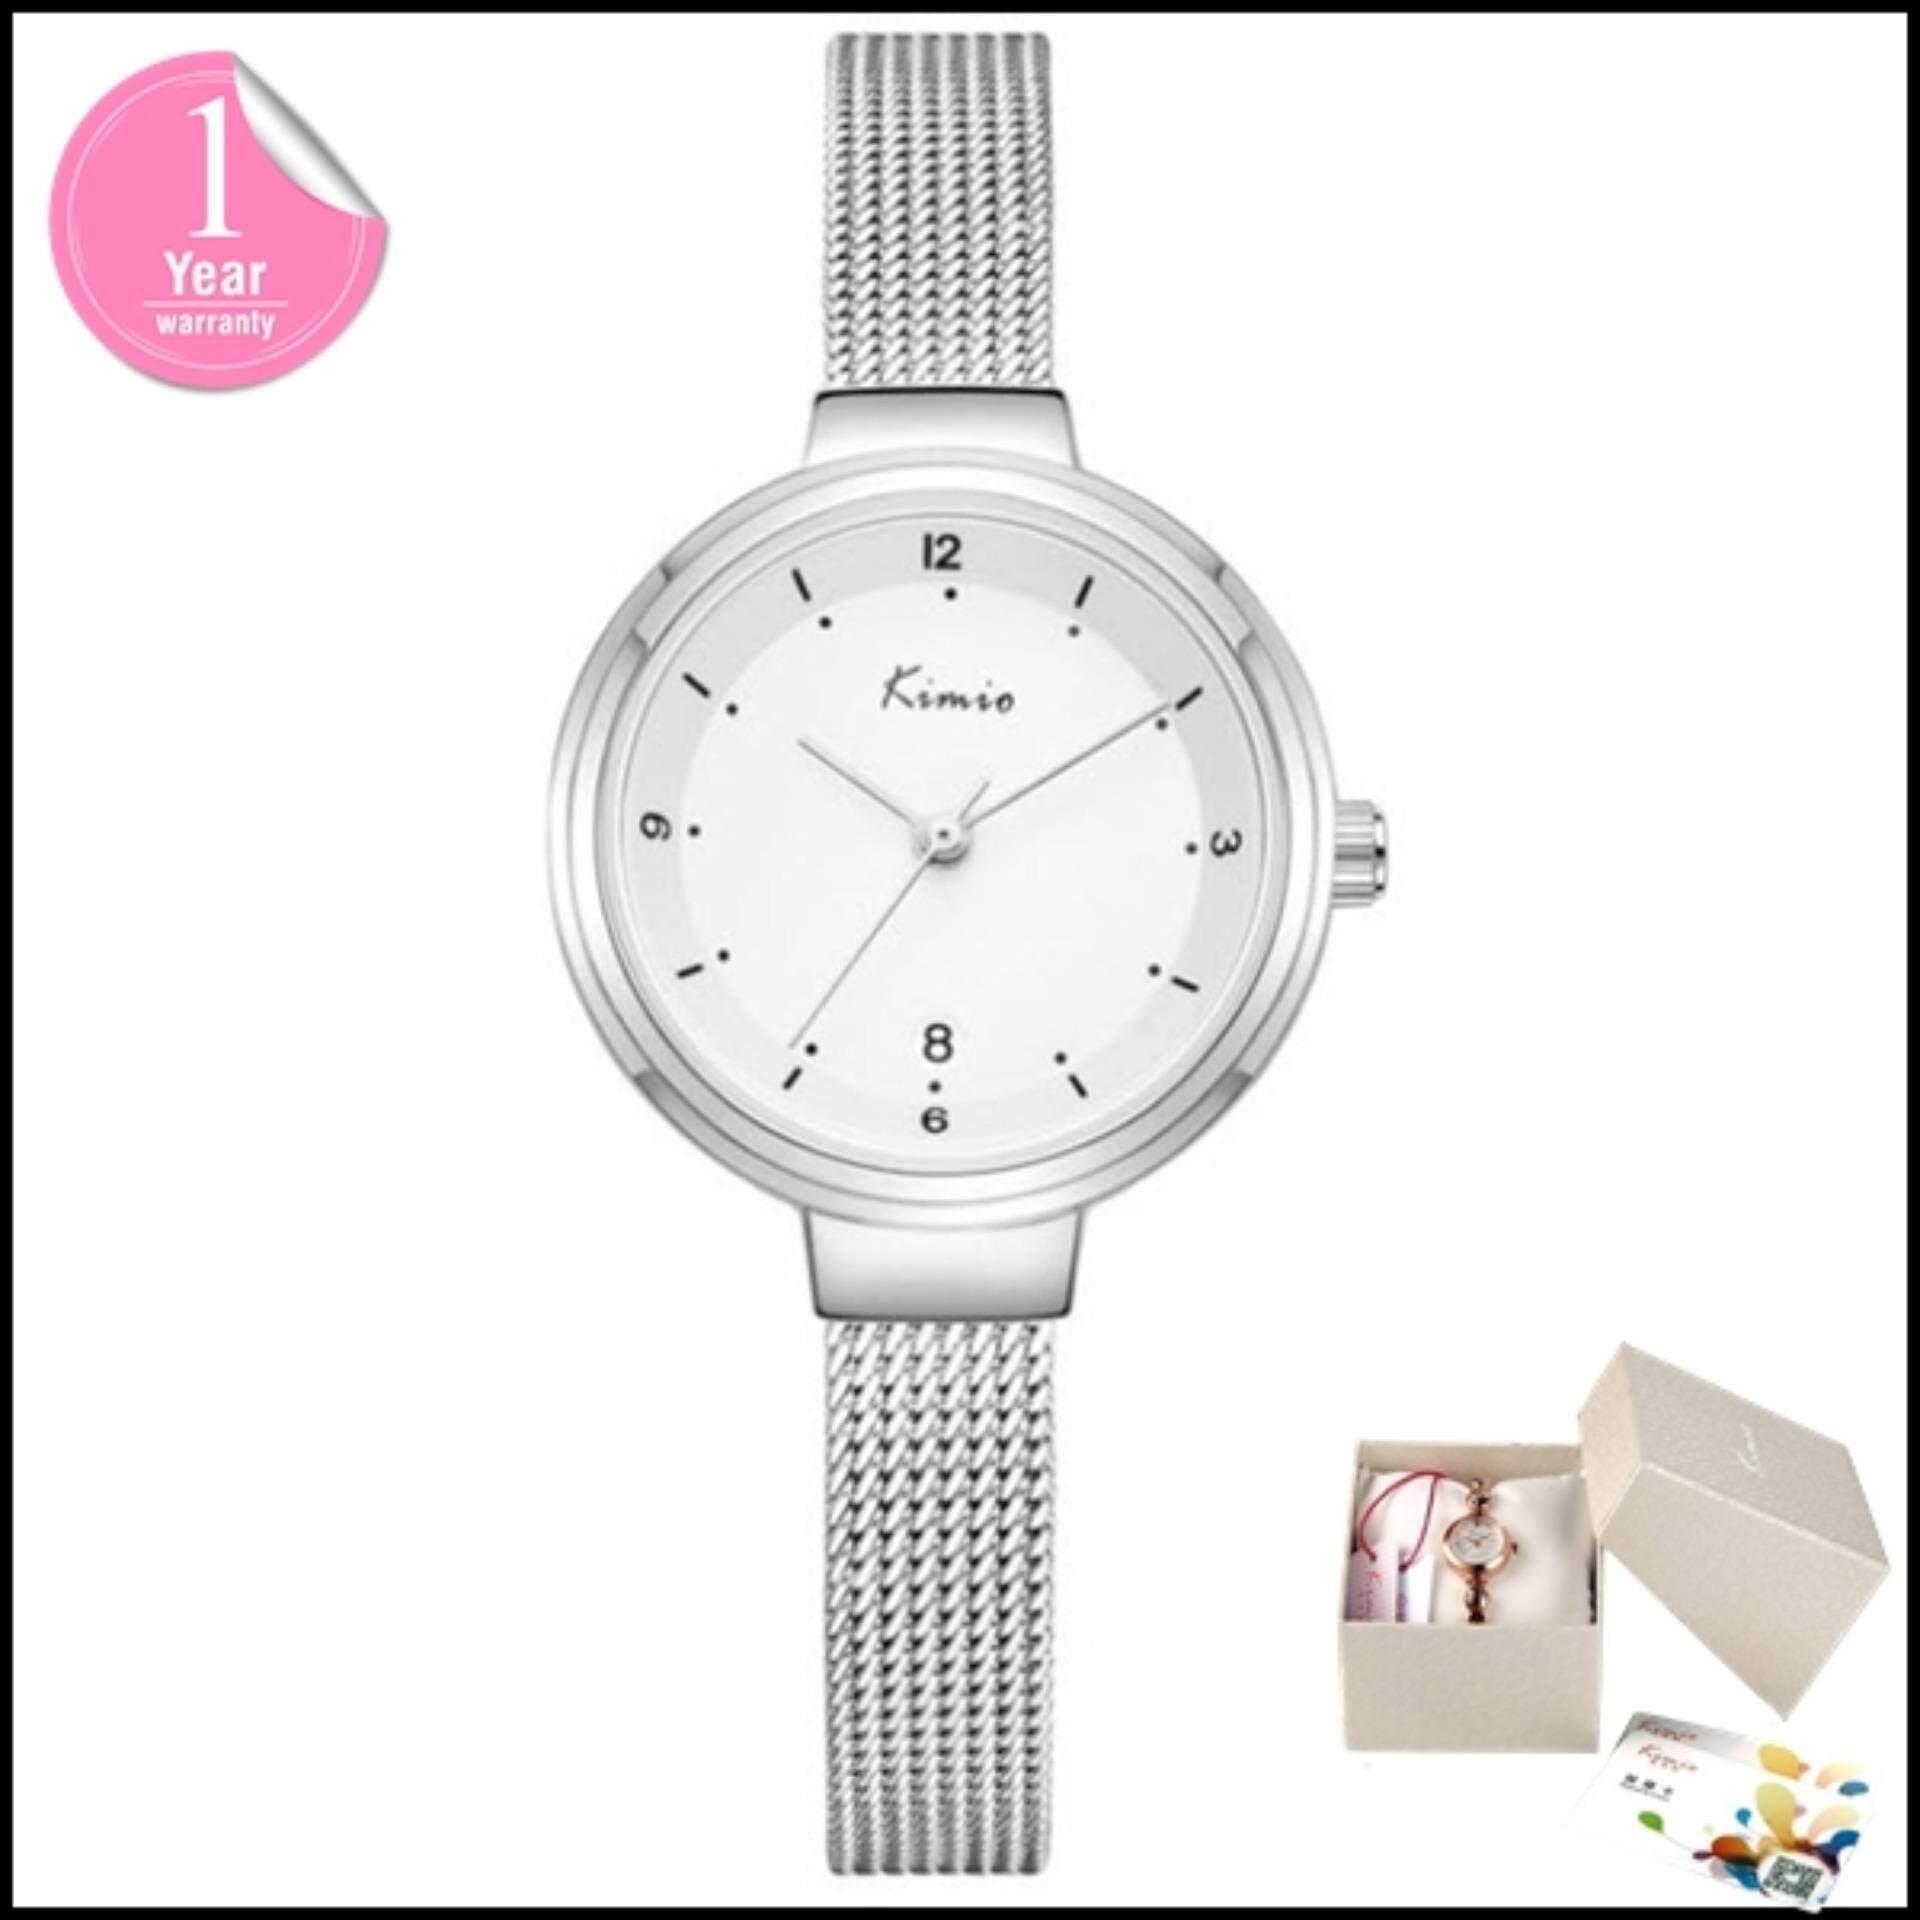 ความคิดเห็น Kimio นาฬิกาข้อมือผู้หญิง Casual Hi Fashion สายสแตนเลส สีเงิน ขาว รุ่น Kw6248